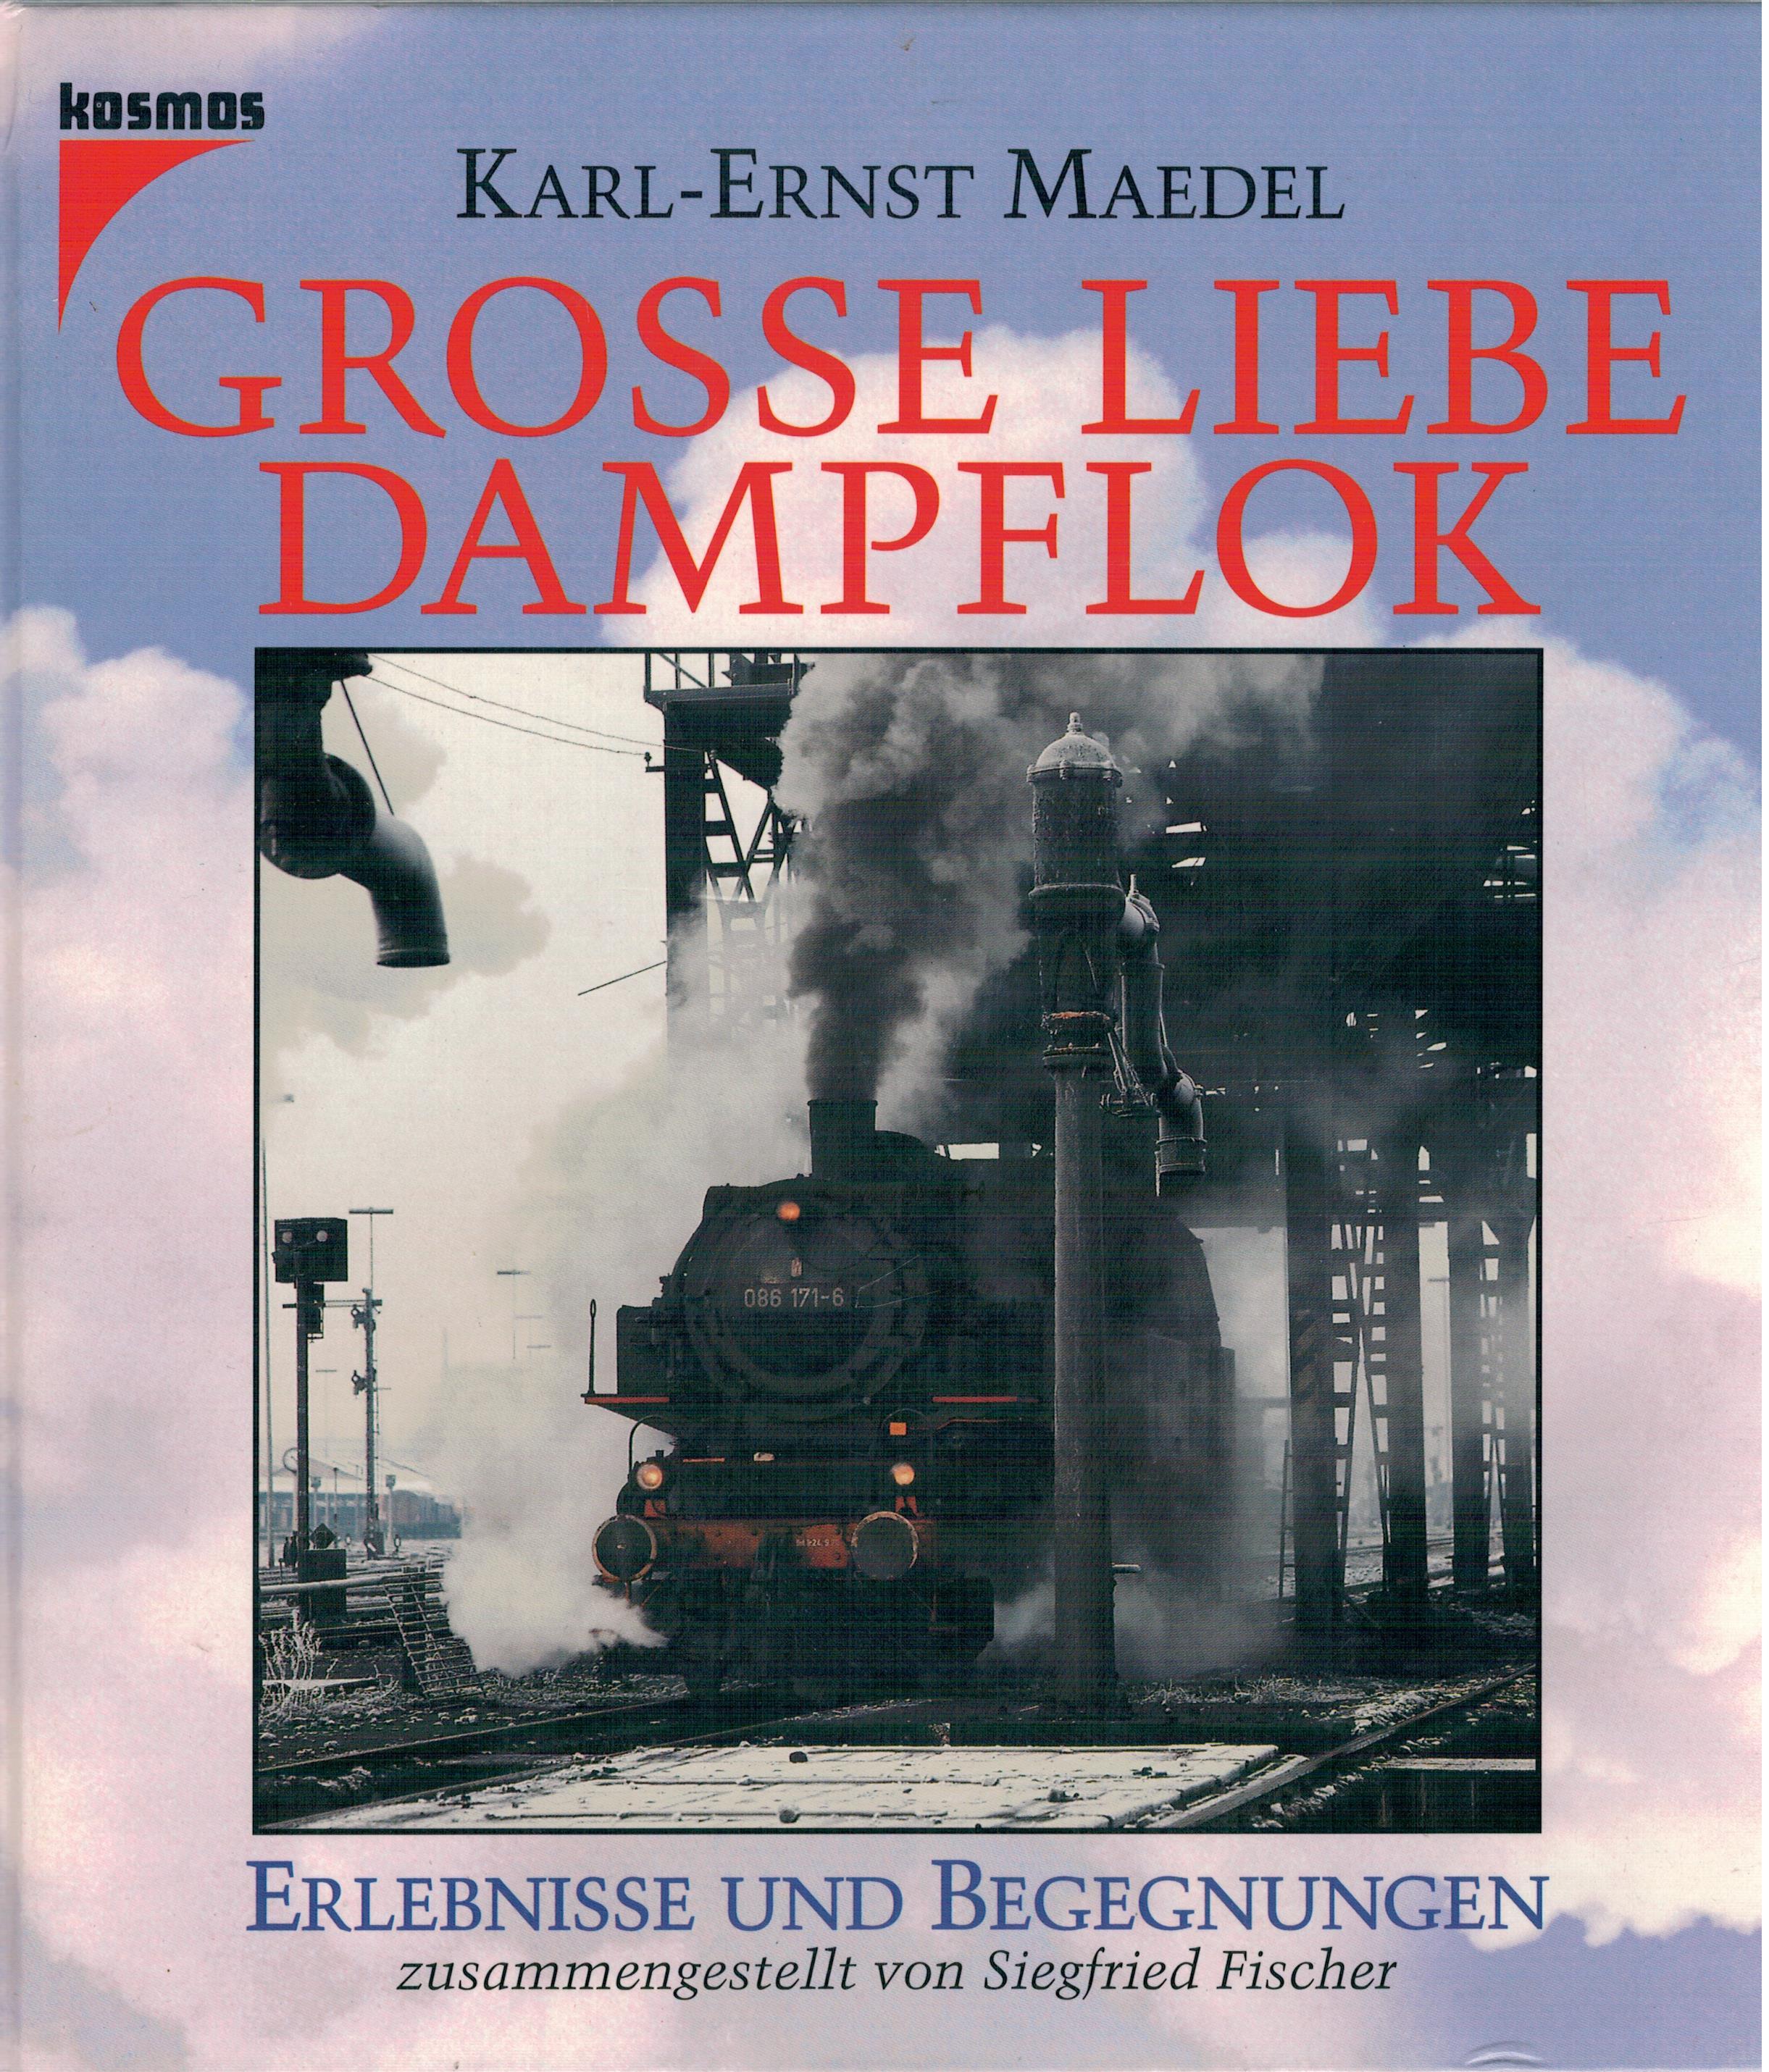 Grosse Liebe Dampflok. Erlebnisse und Begegnungen: Maedel, Karl-Ernst